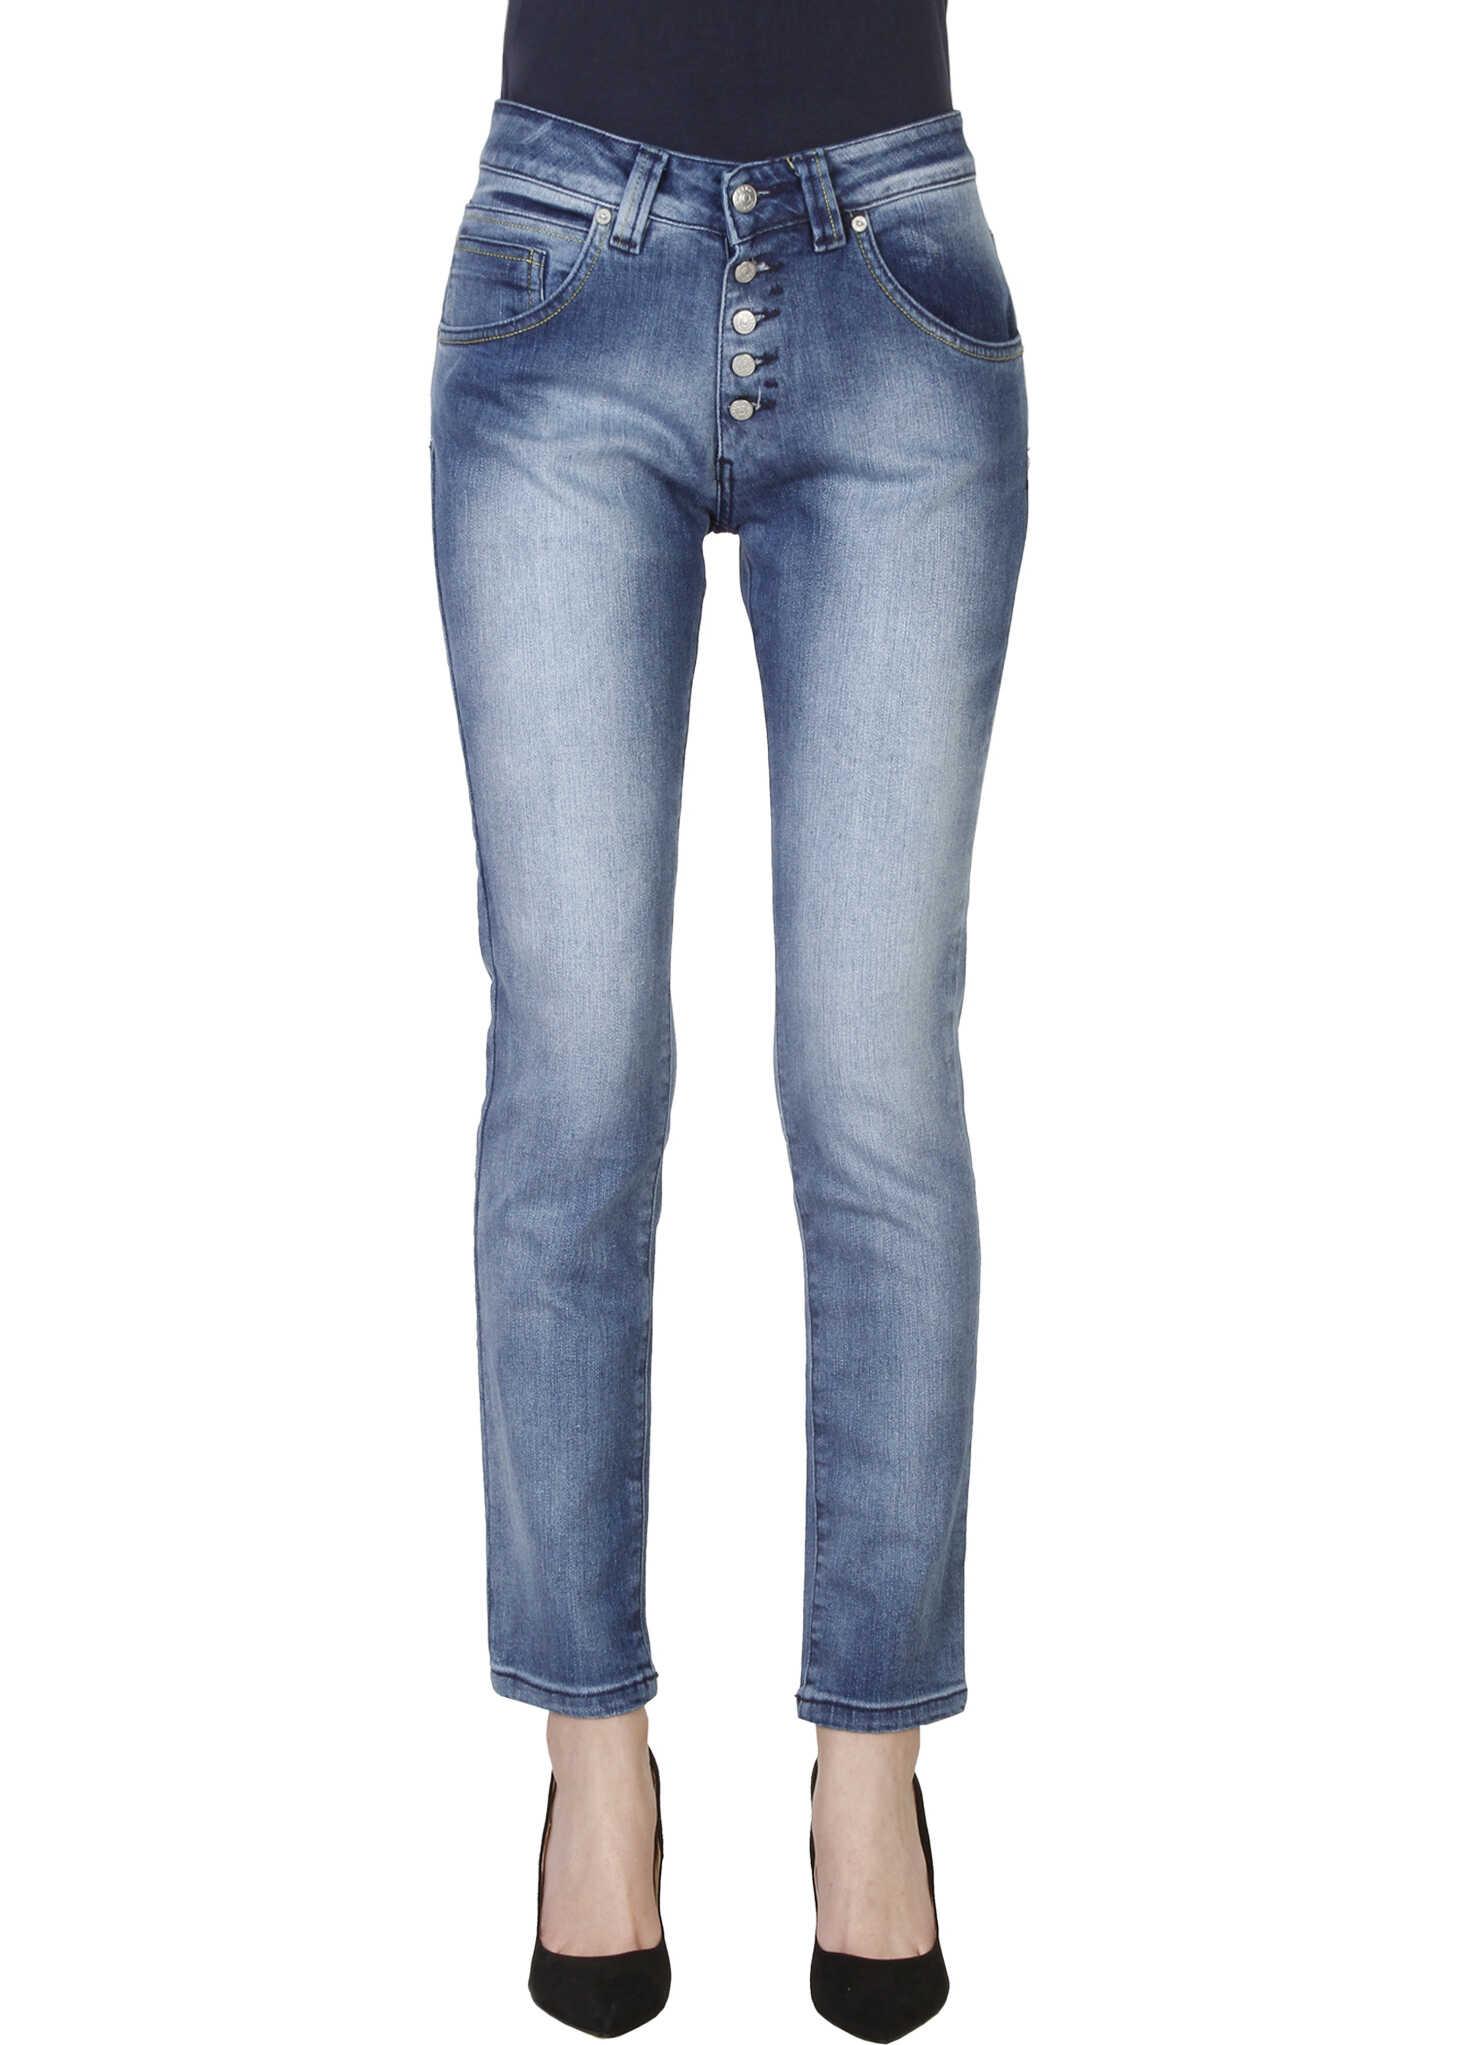 Blugi Femei Carrera Jeans 00771c_0970a Blue